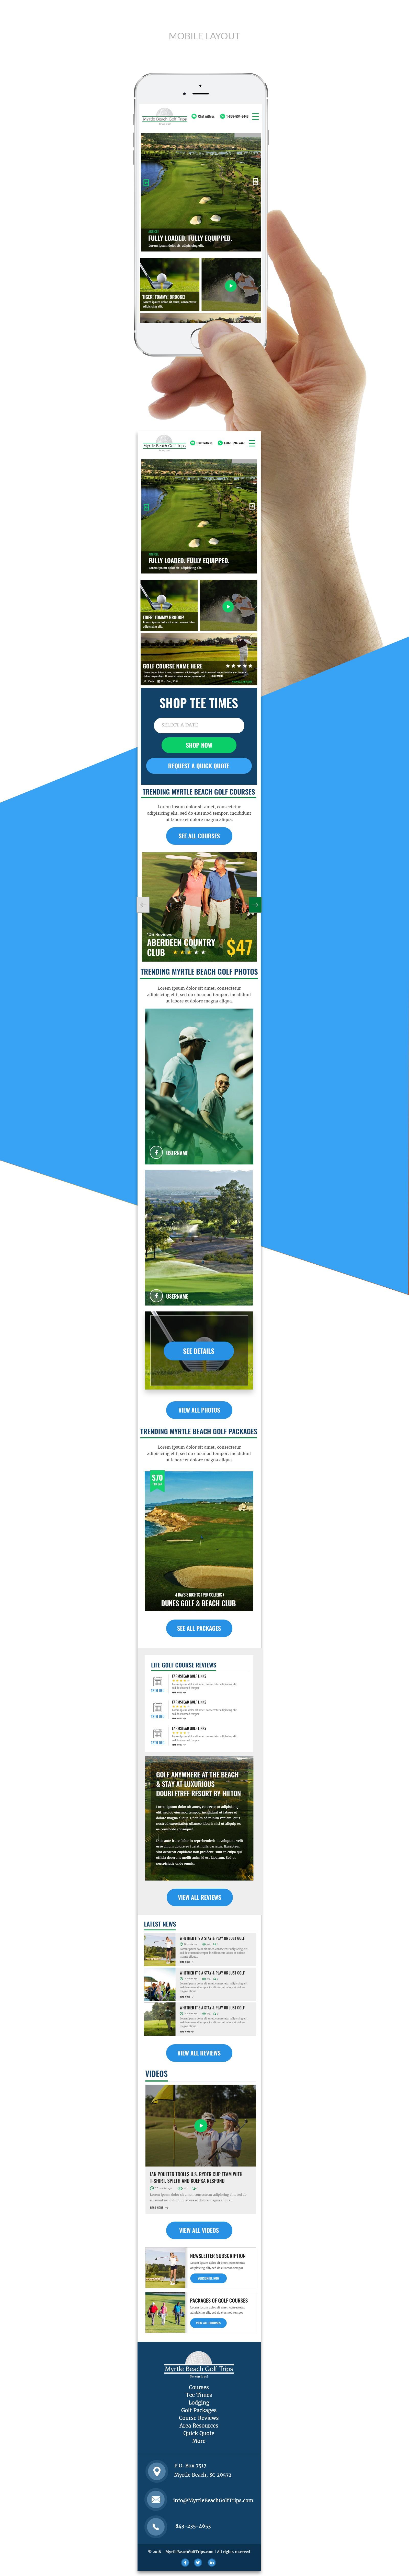 Create a New Website Design for a Destination Golf Site